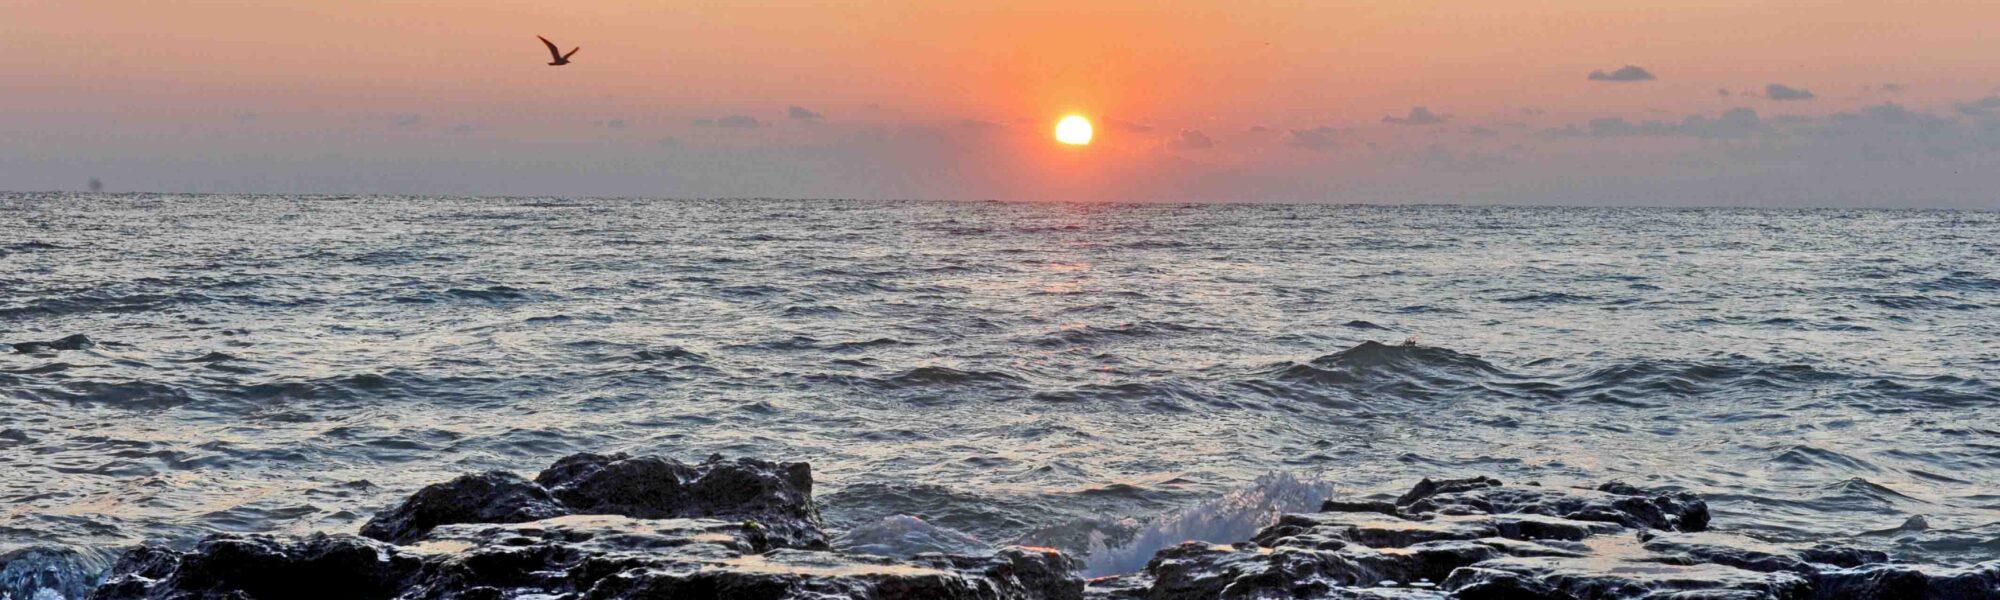 """Axaina, Marea """"Indigo"""" a sciţilor"""